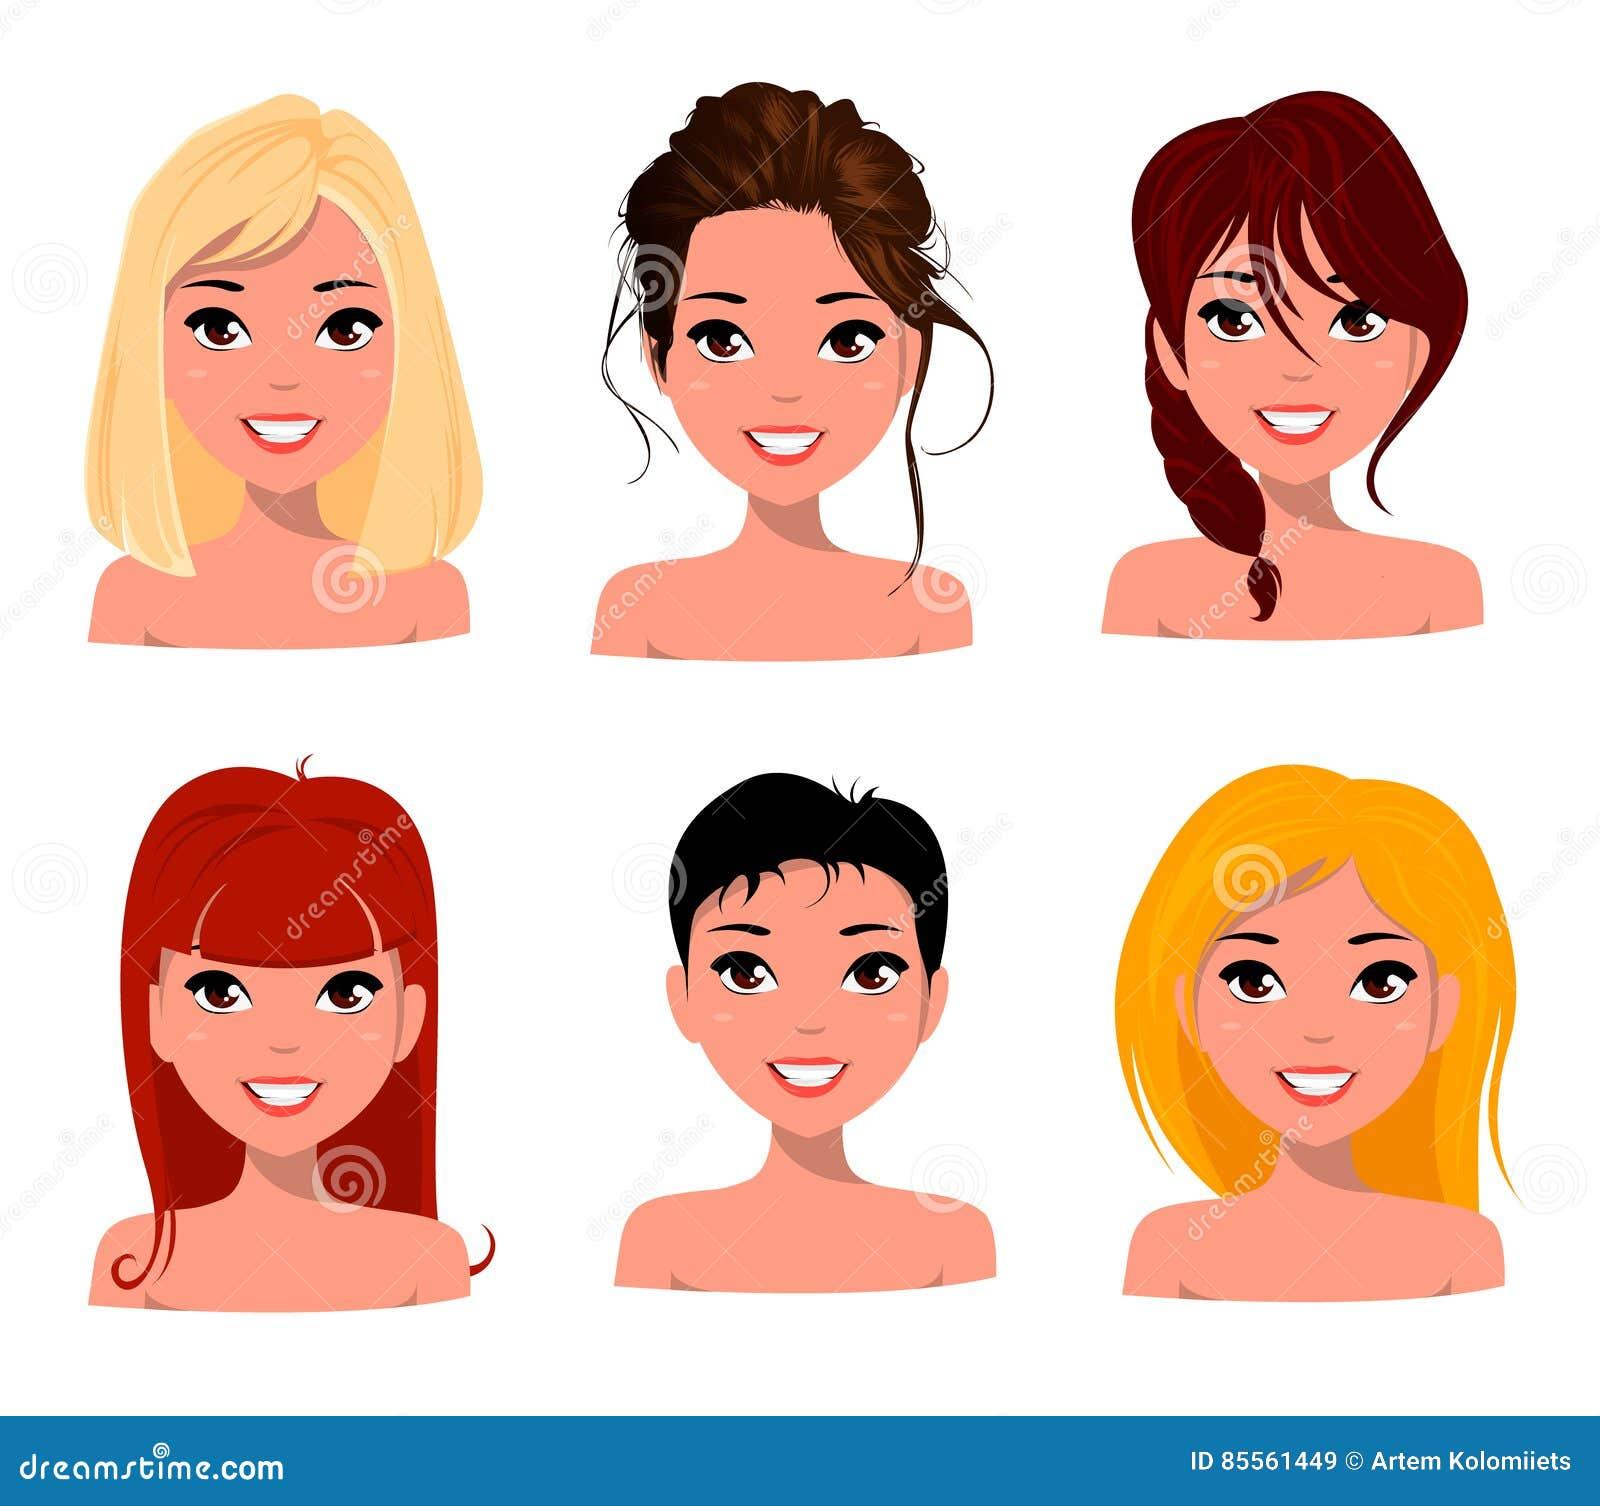 Junge Hübsche Frauen Hübsche Gesichter Mit Verschiedenen